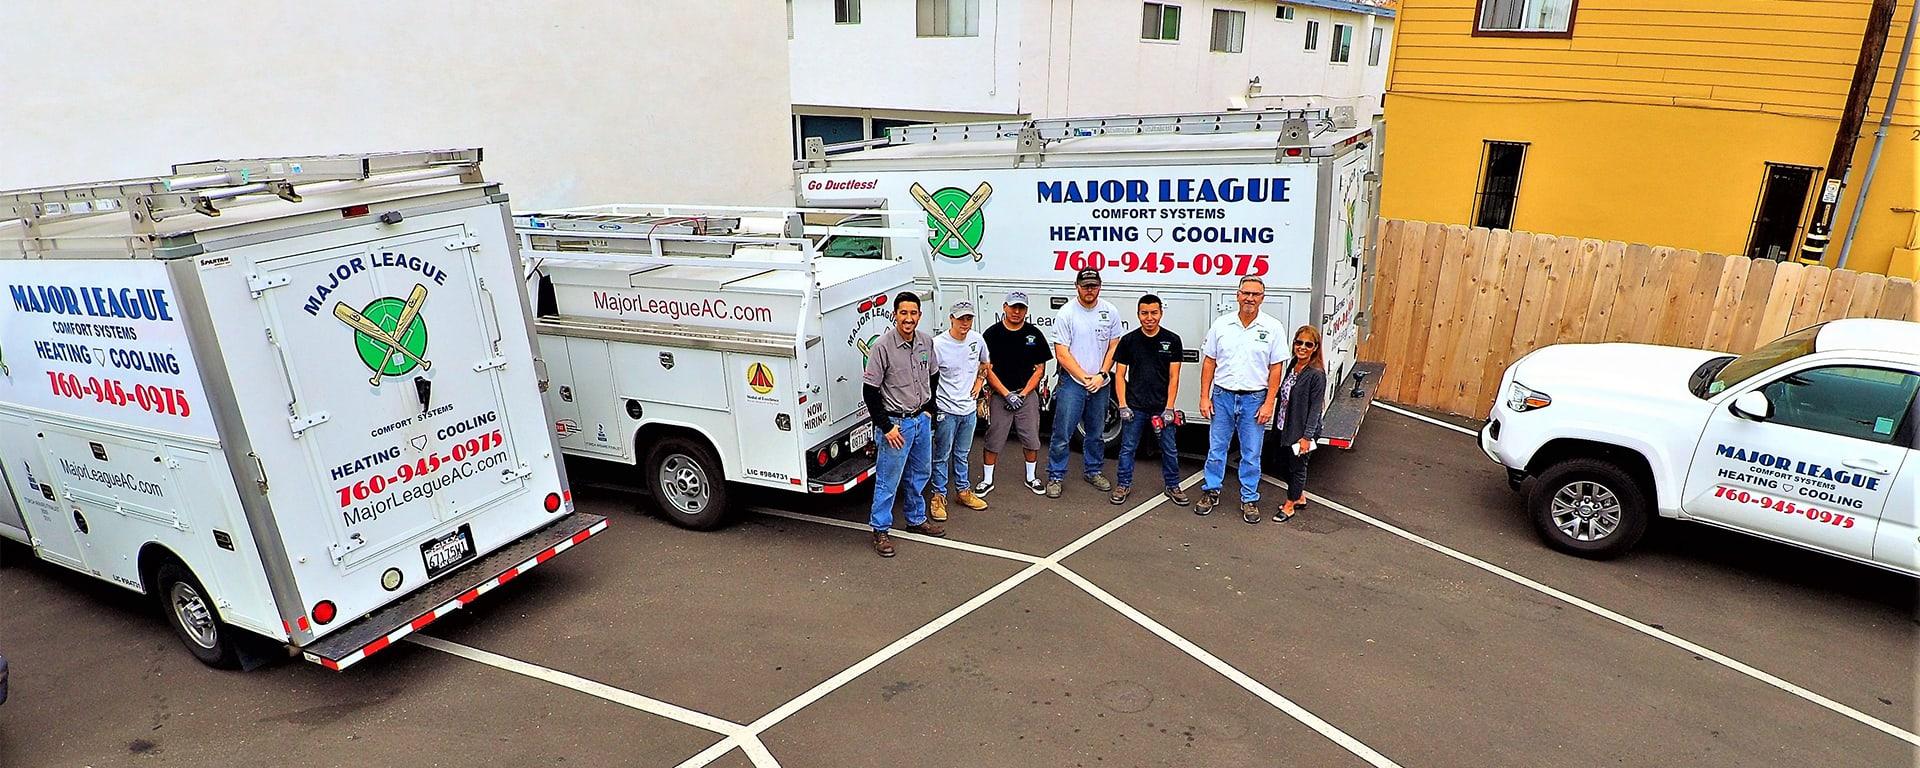 Major League team and trucks